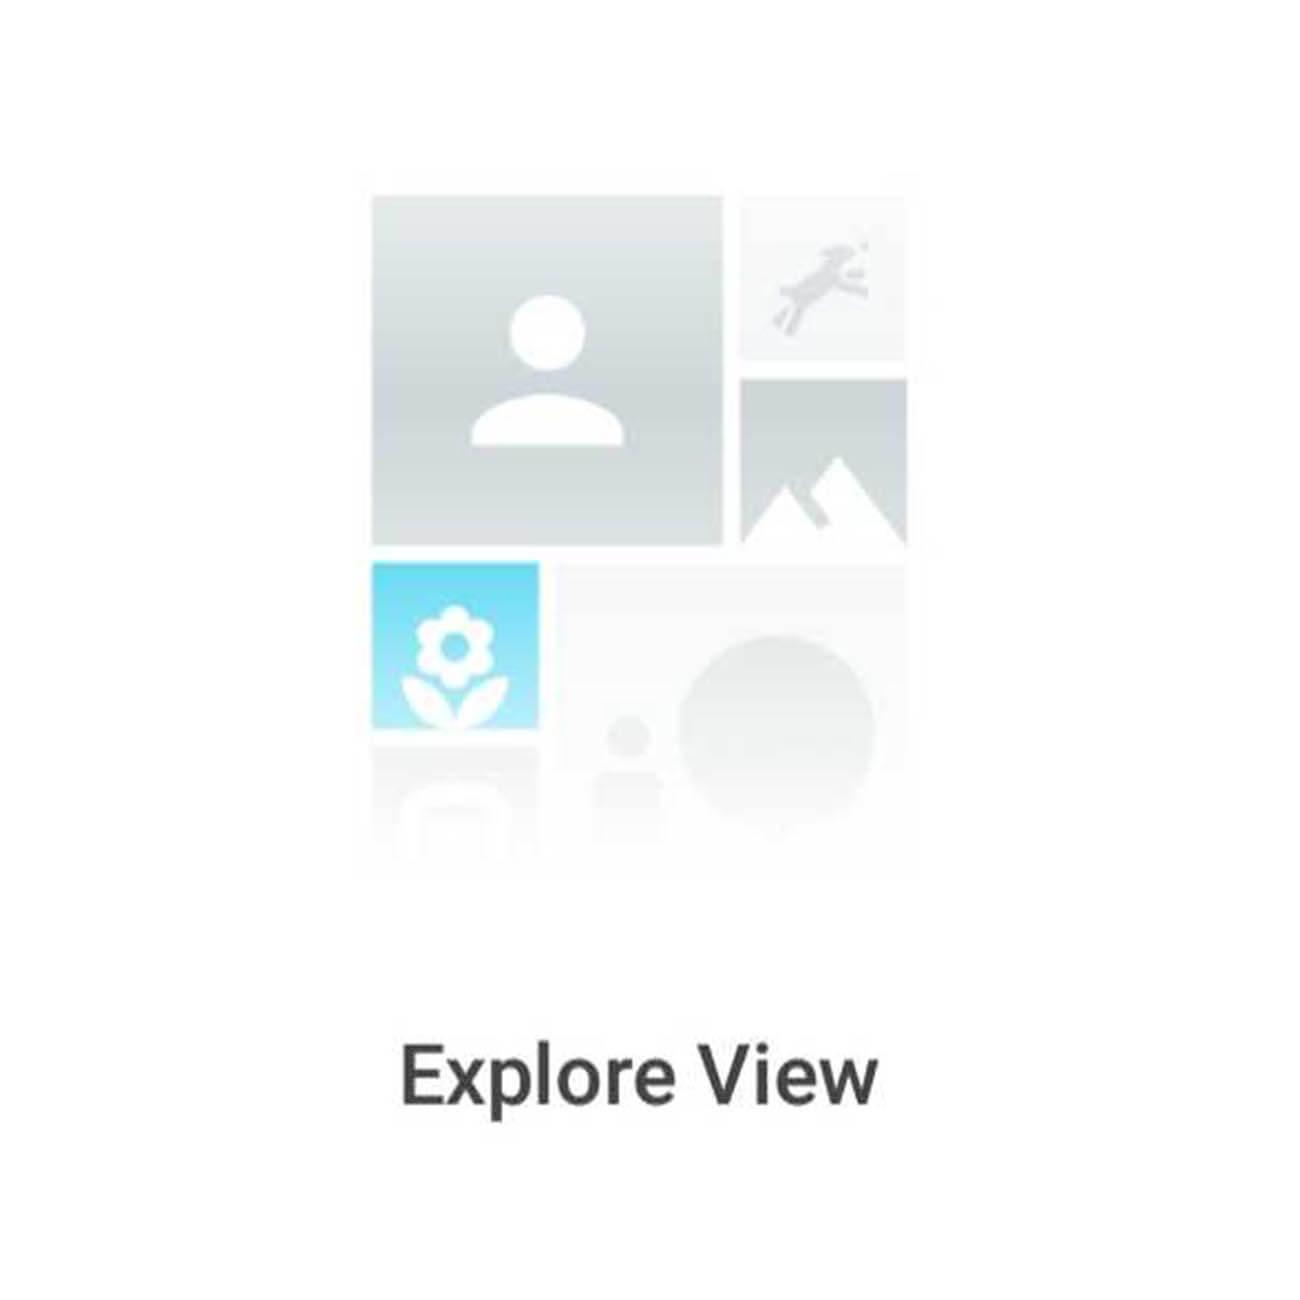 Crosspaths-Explore